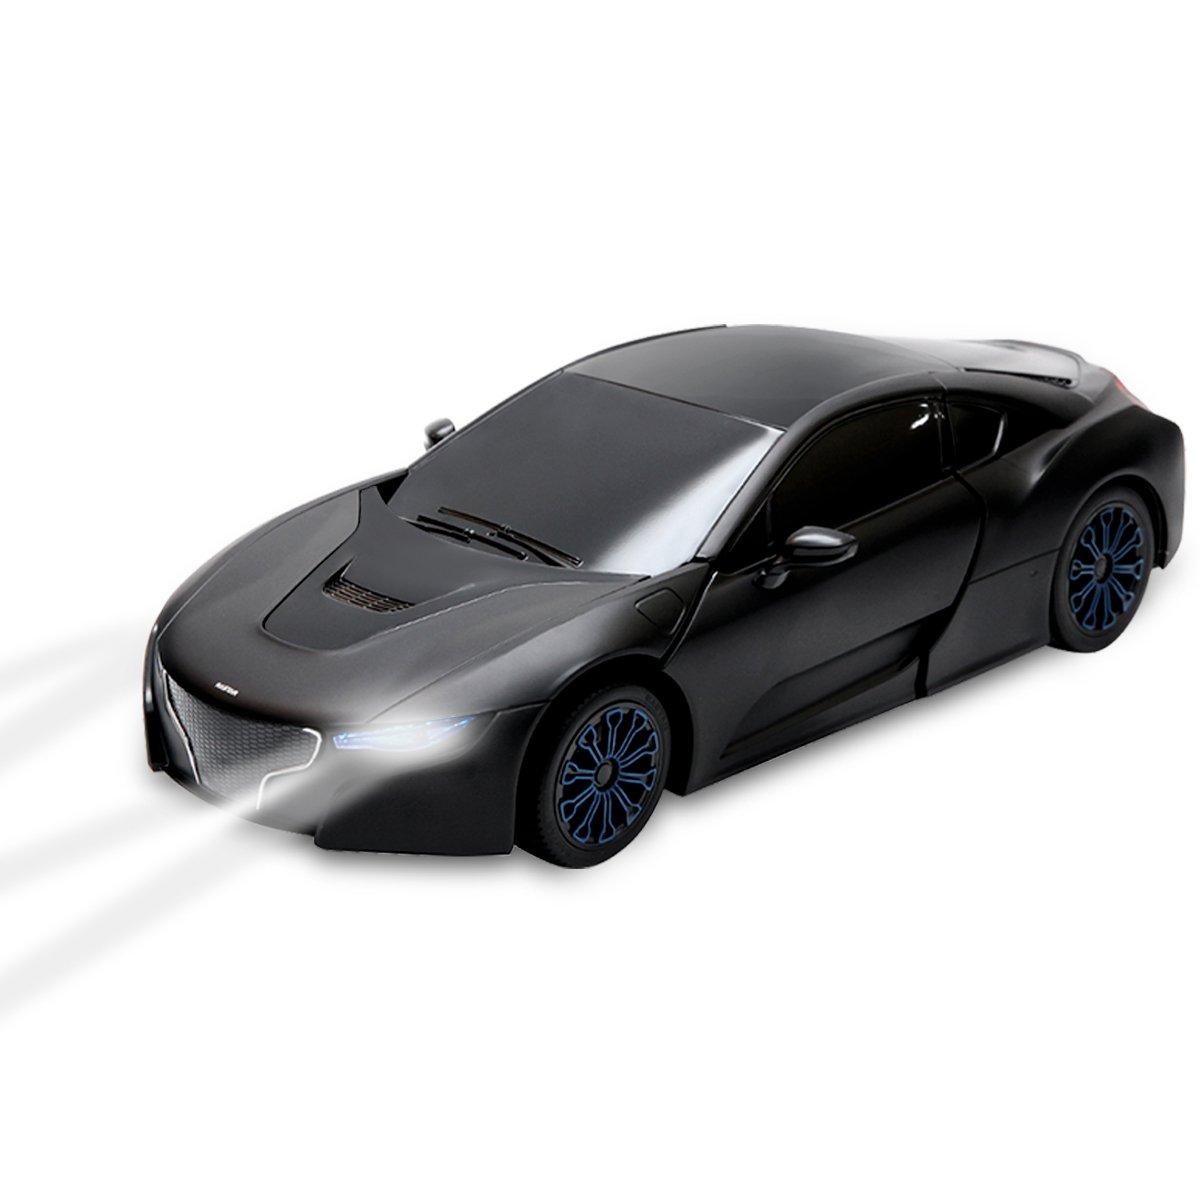 Blitzzauber24, 2 in 1 Auto RC Modelli di Robot per Auto Sportive Modelli di Telecomando Giocattolo per Bambini, Nero